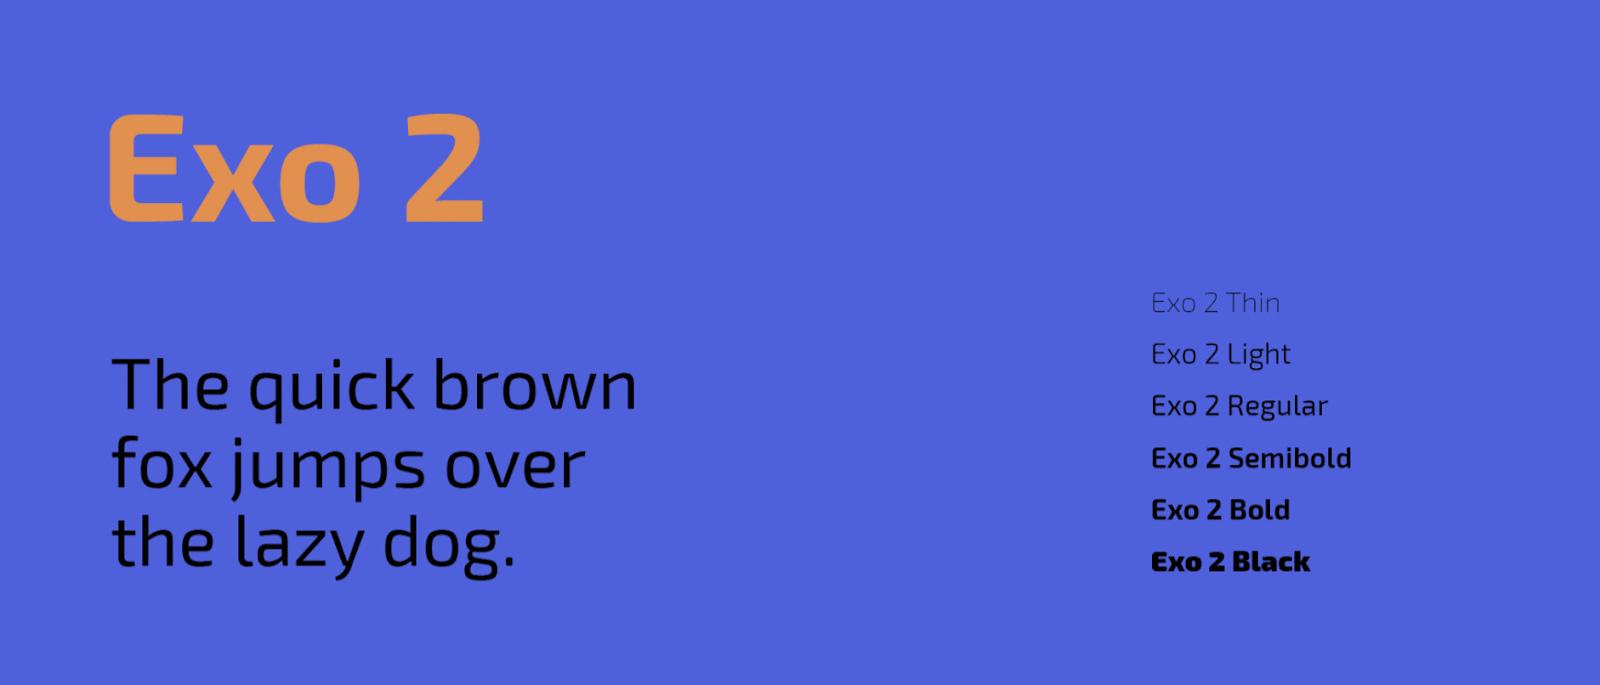 Exo 2 is a playful but simple sans serif web font. – source